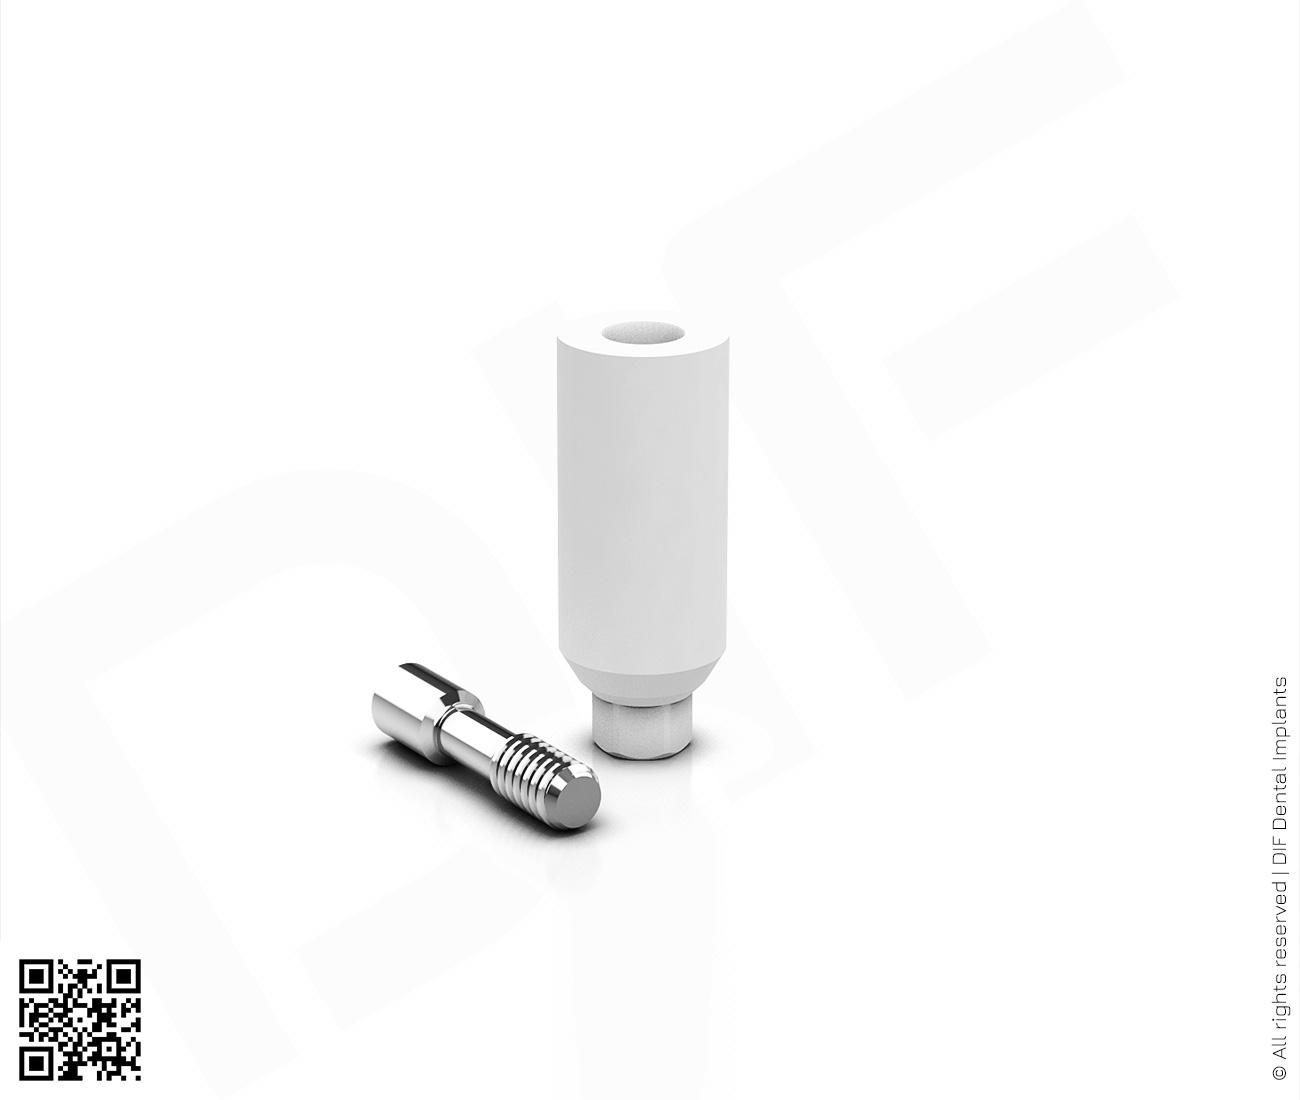 Фото абатмент пластиковый прямой d4.5 мм – h9.0 мм hex серии classic  производства DIF.